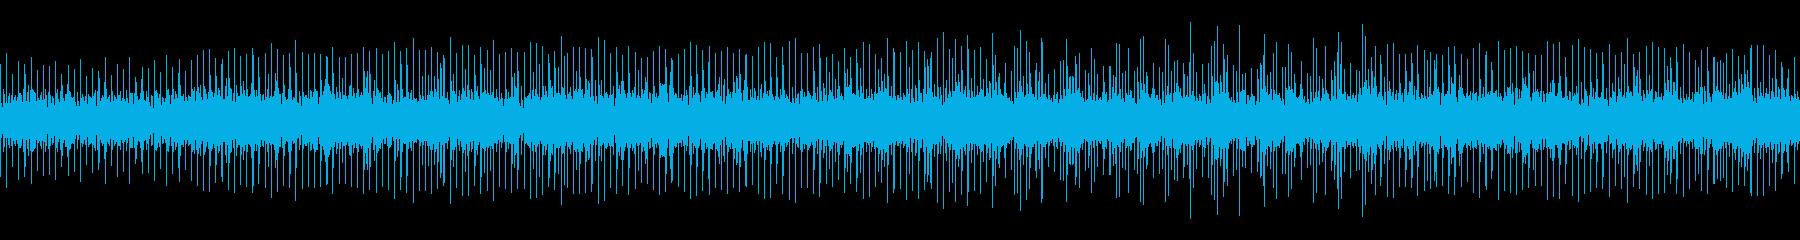 日常会話のBGM/四つ打ち/ループの再生済みの波形